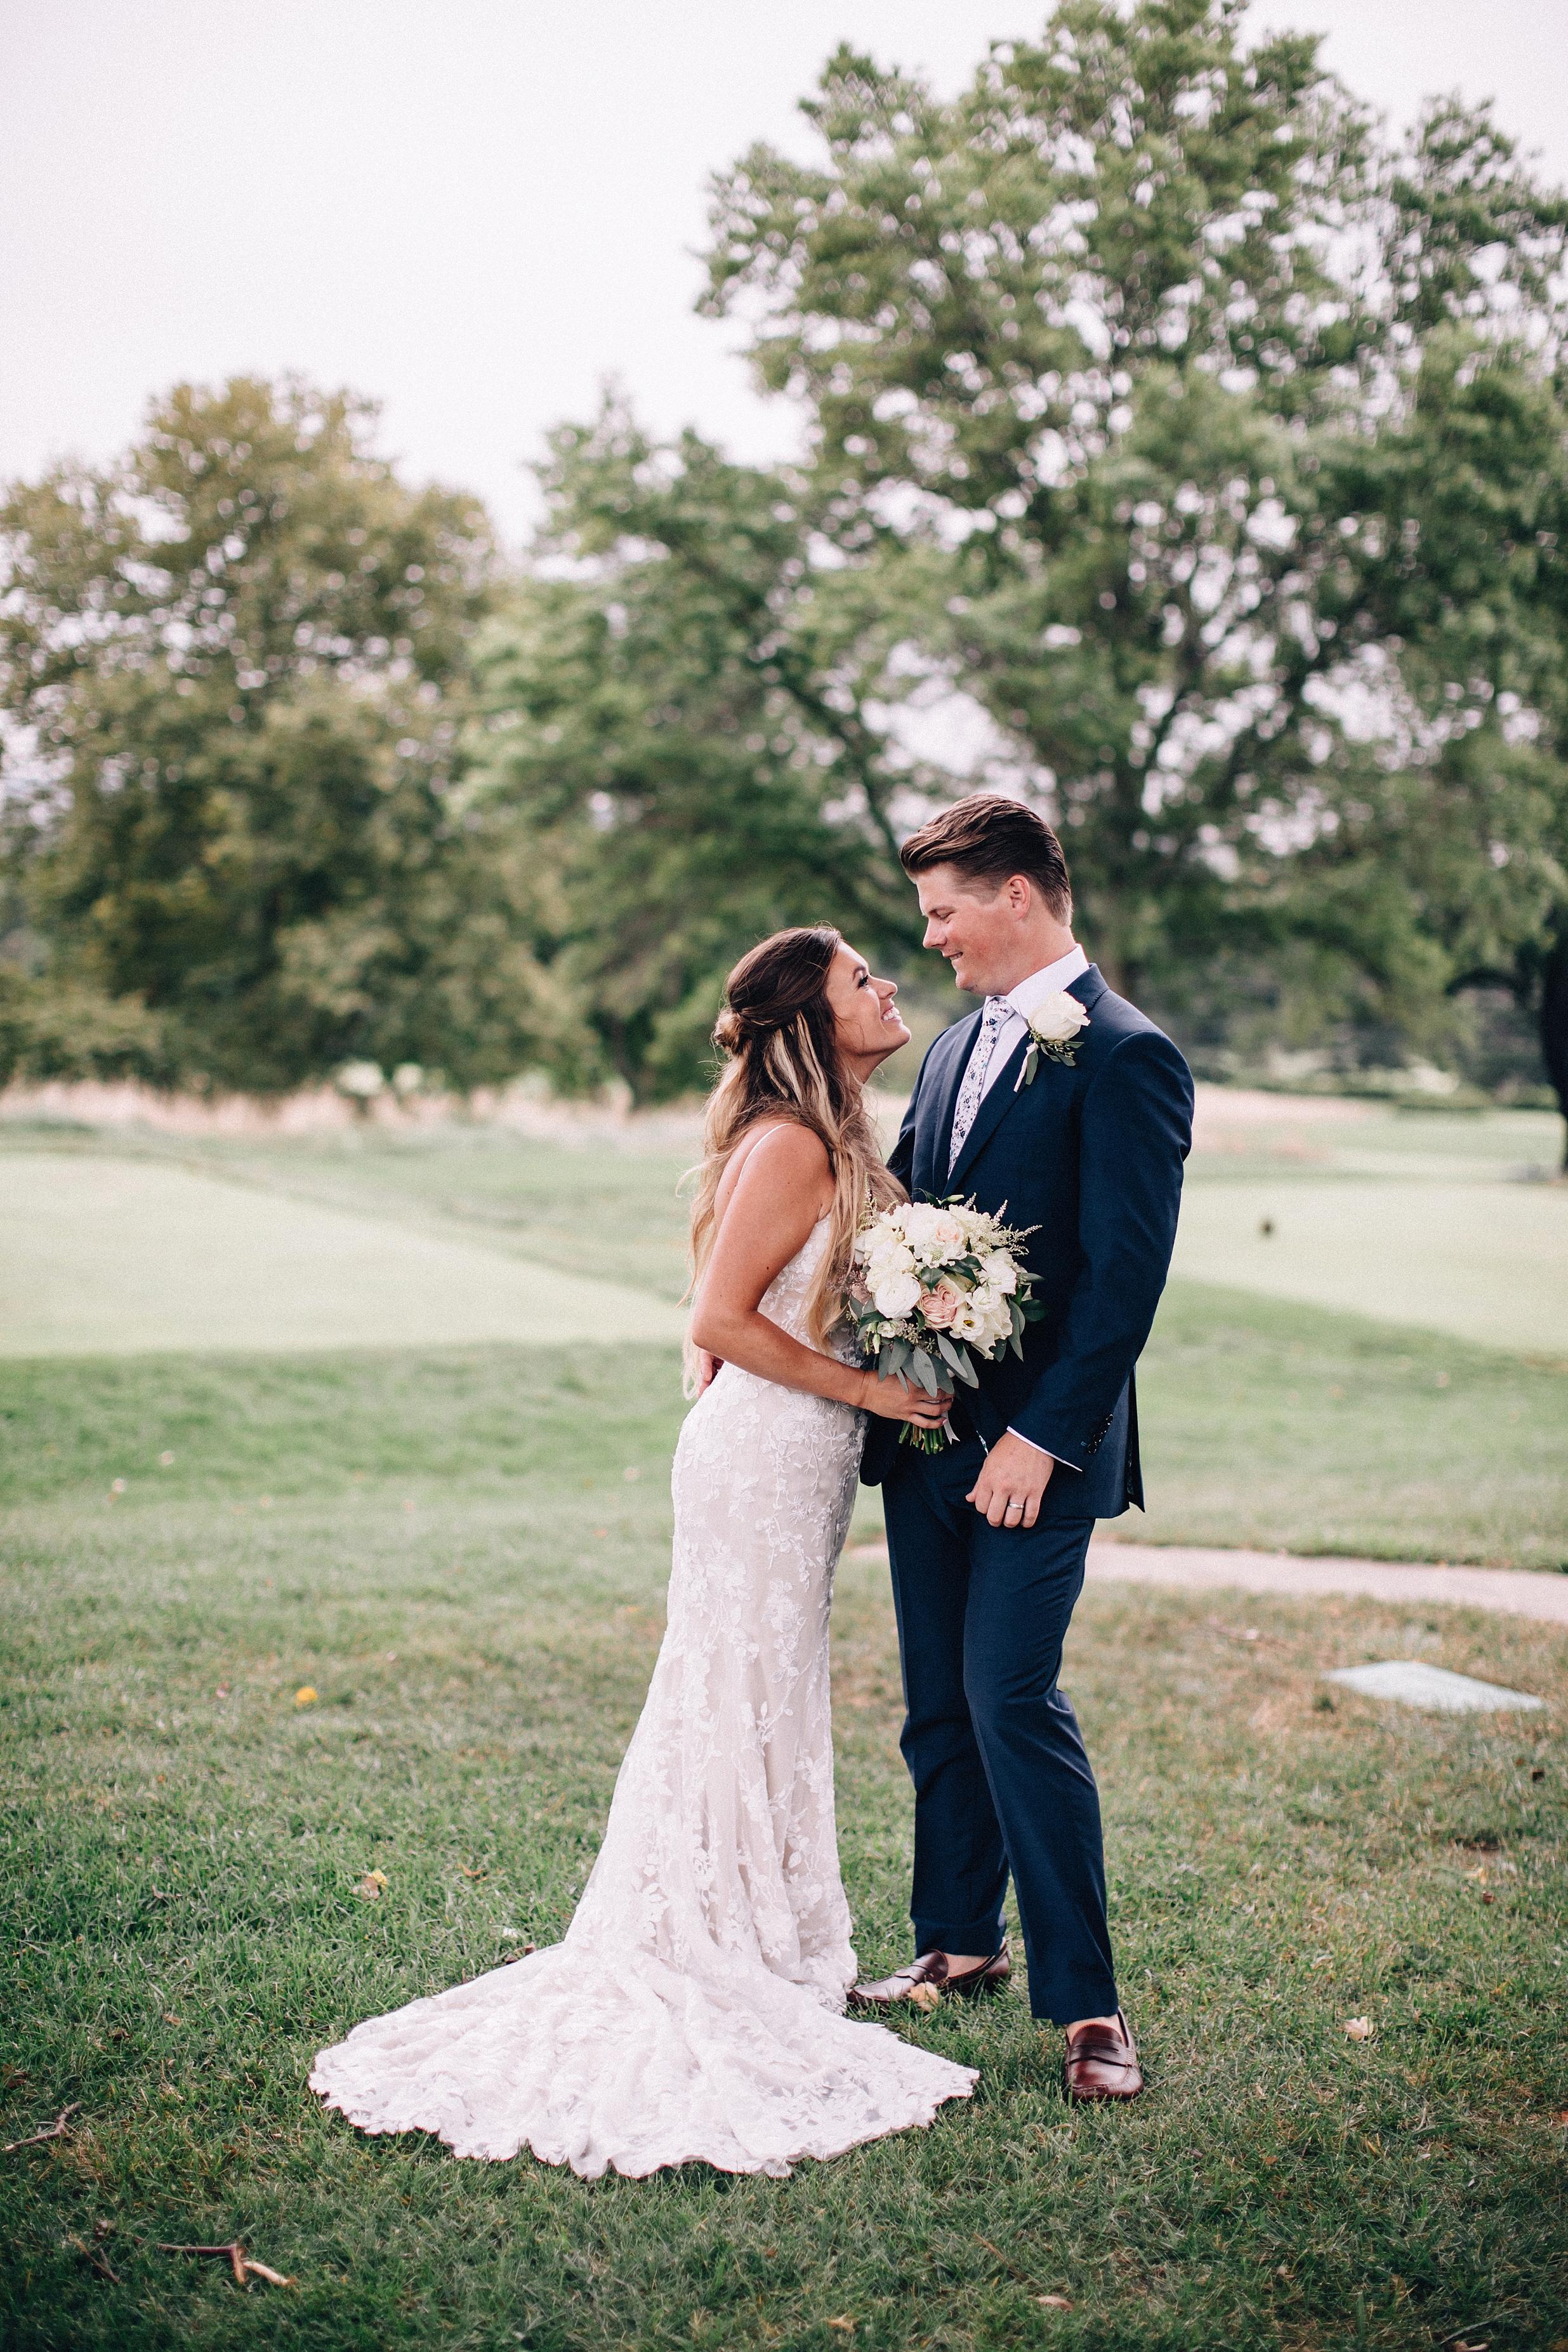 jersey-outdoor-ceremony-wedding-navasink-monmouth-rumson_0059.jpg